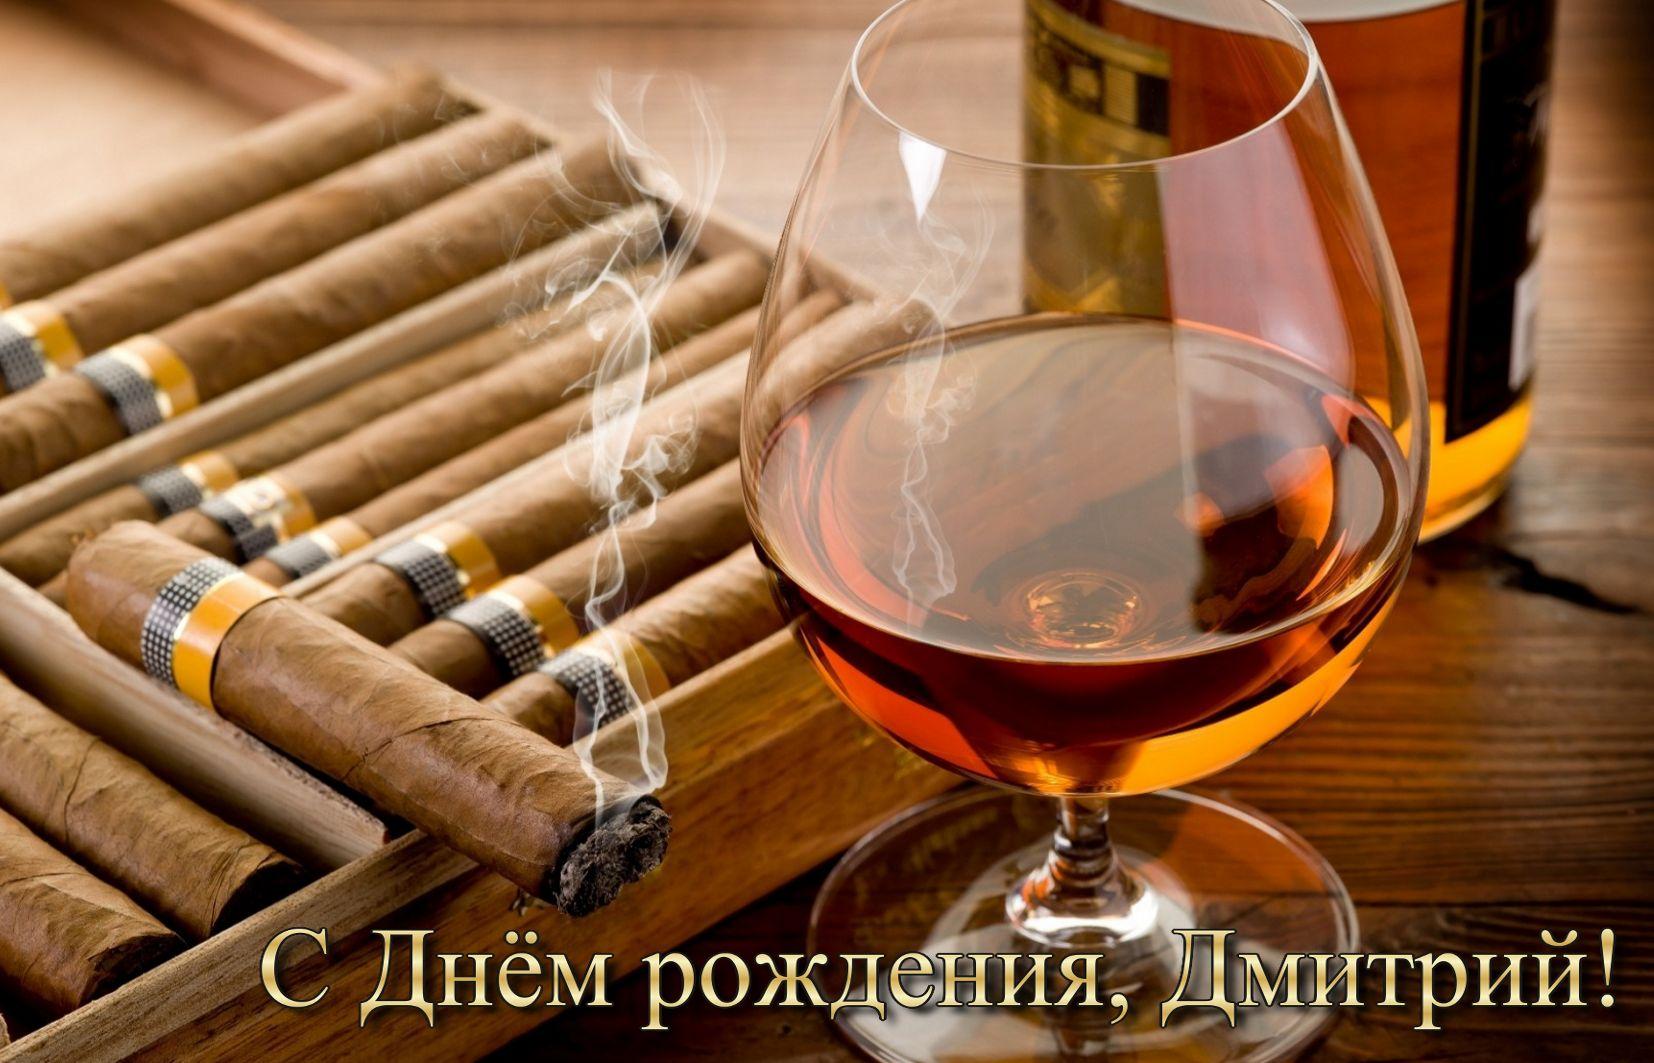 Открытка Дмитрию с коньяком и сигарами